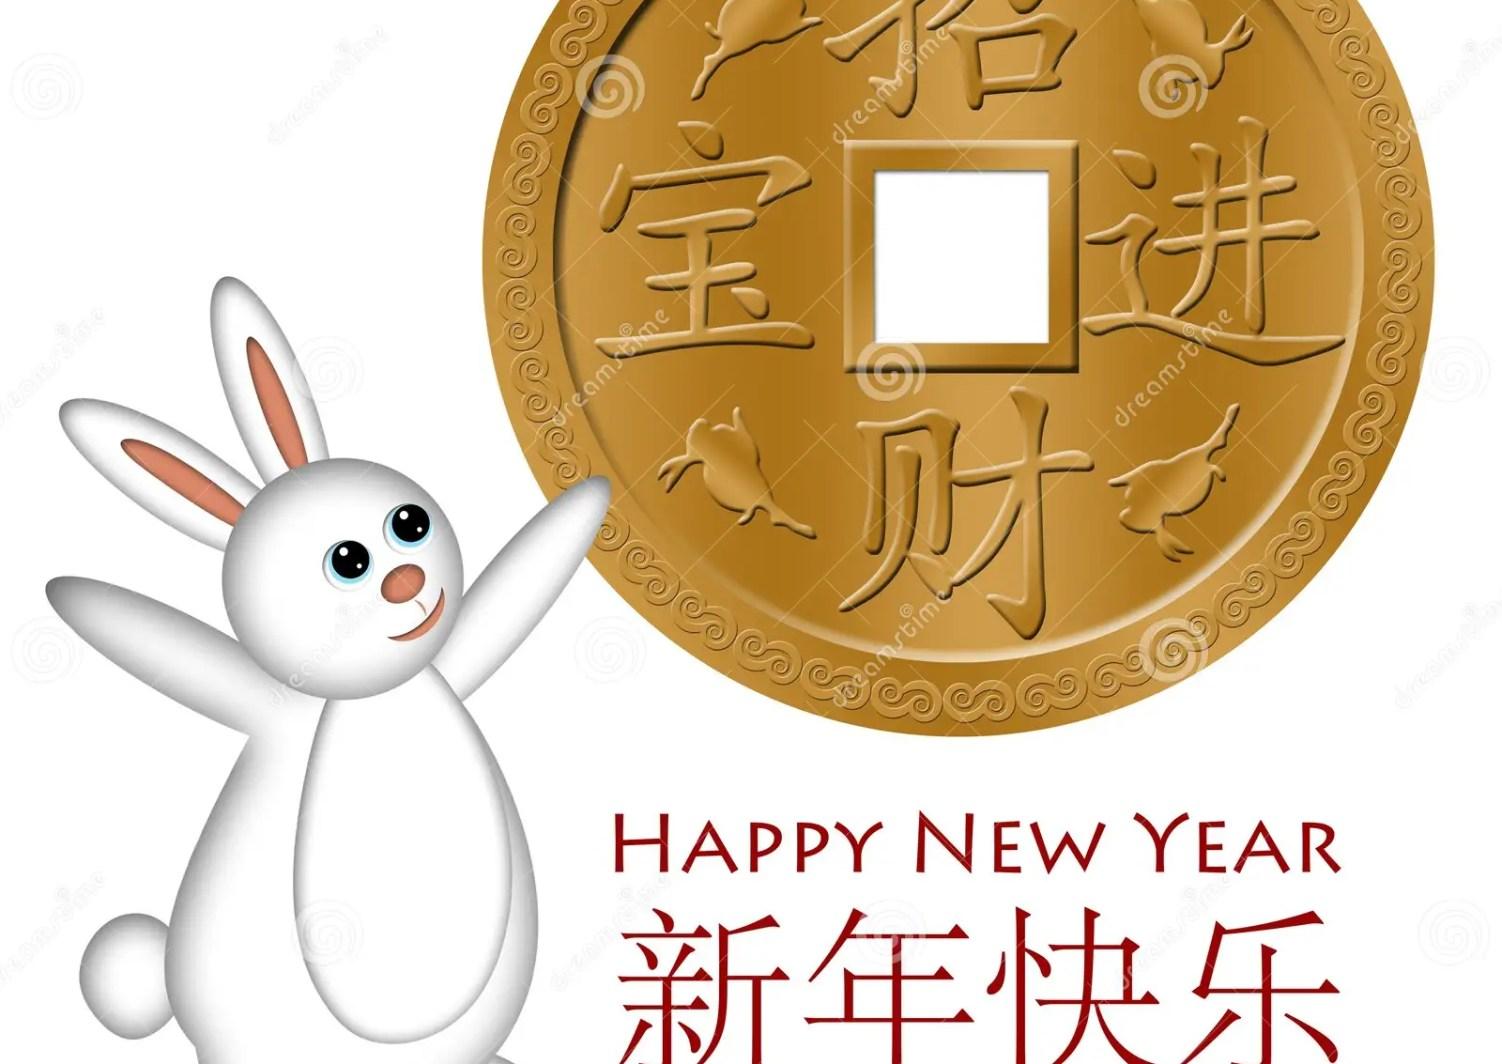 Ano Nuevo Chino Del Conejo Con La Moneda De Oro Stock De Ilustracion Ilustracion De Abundancia Chino 17297651